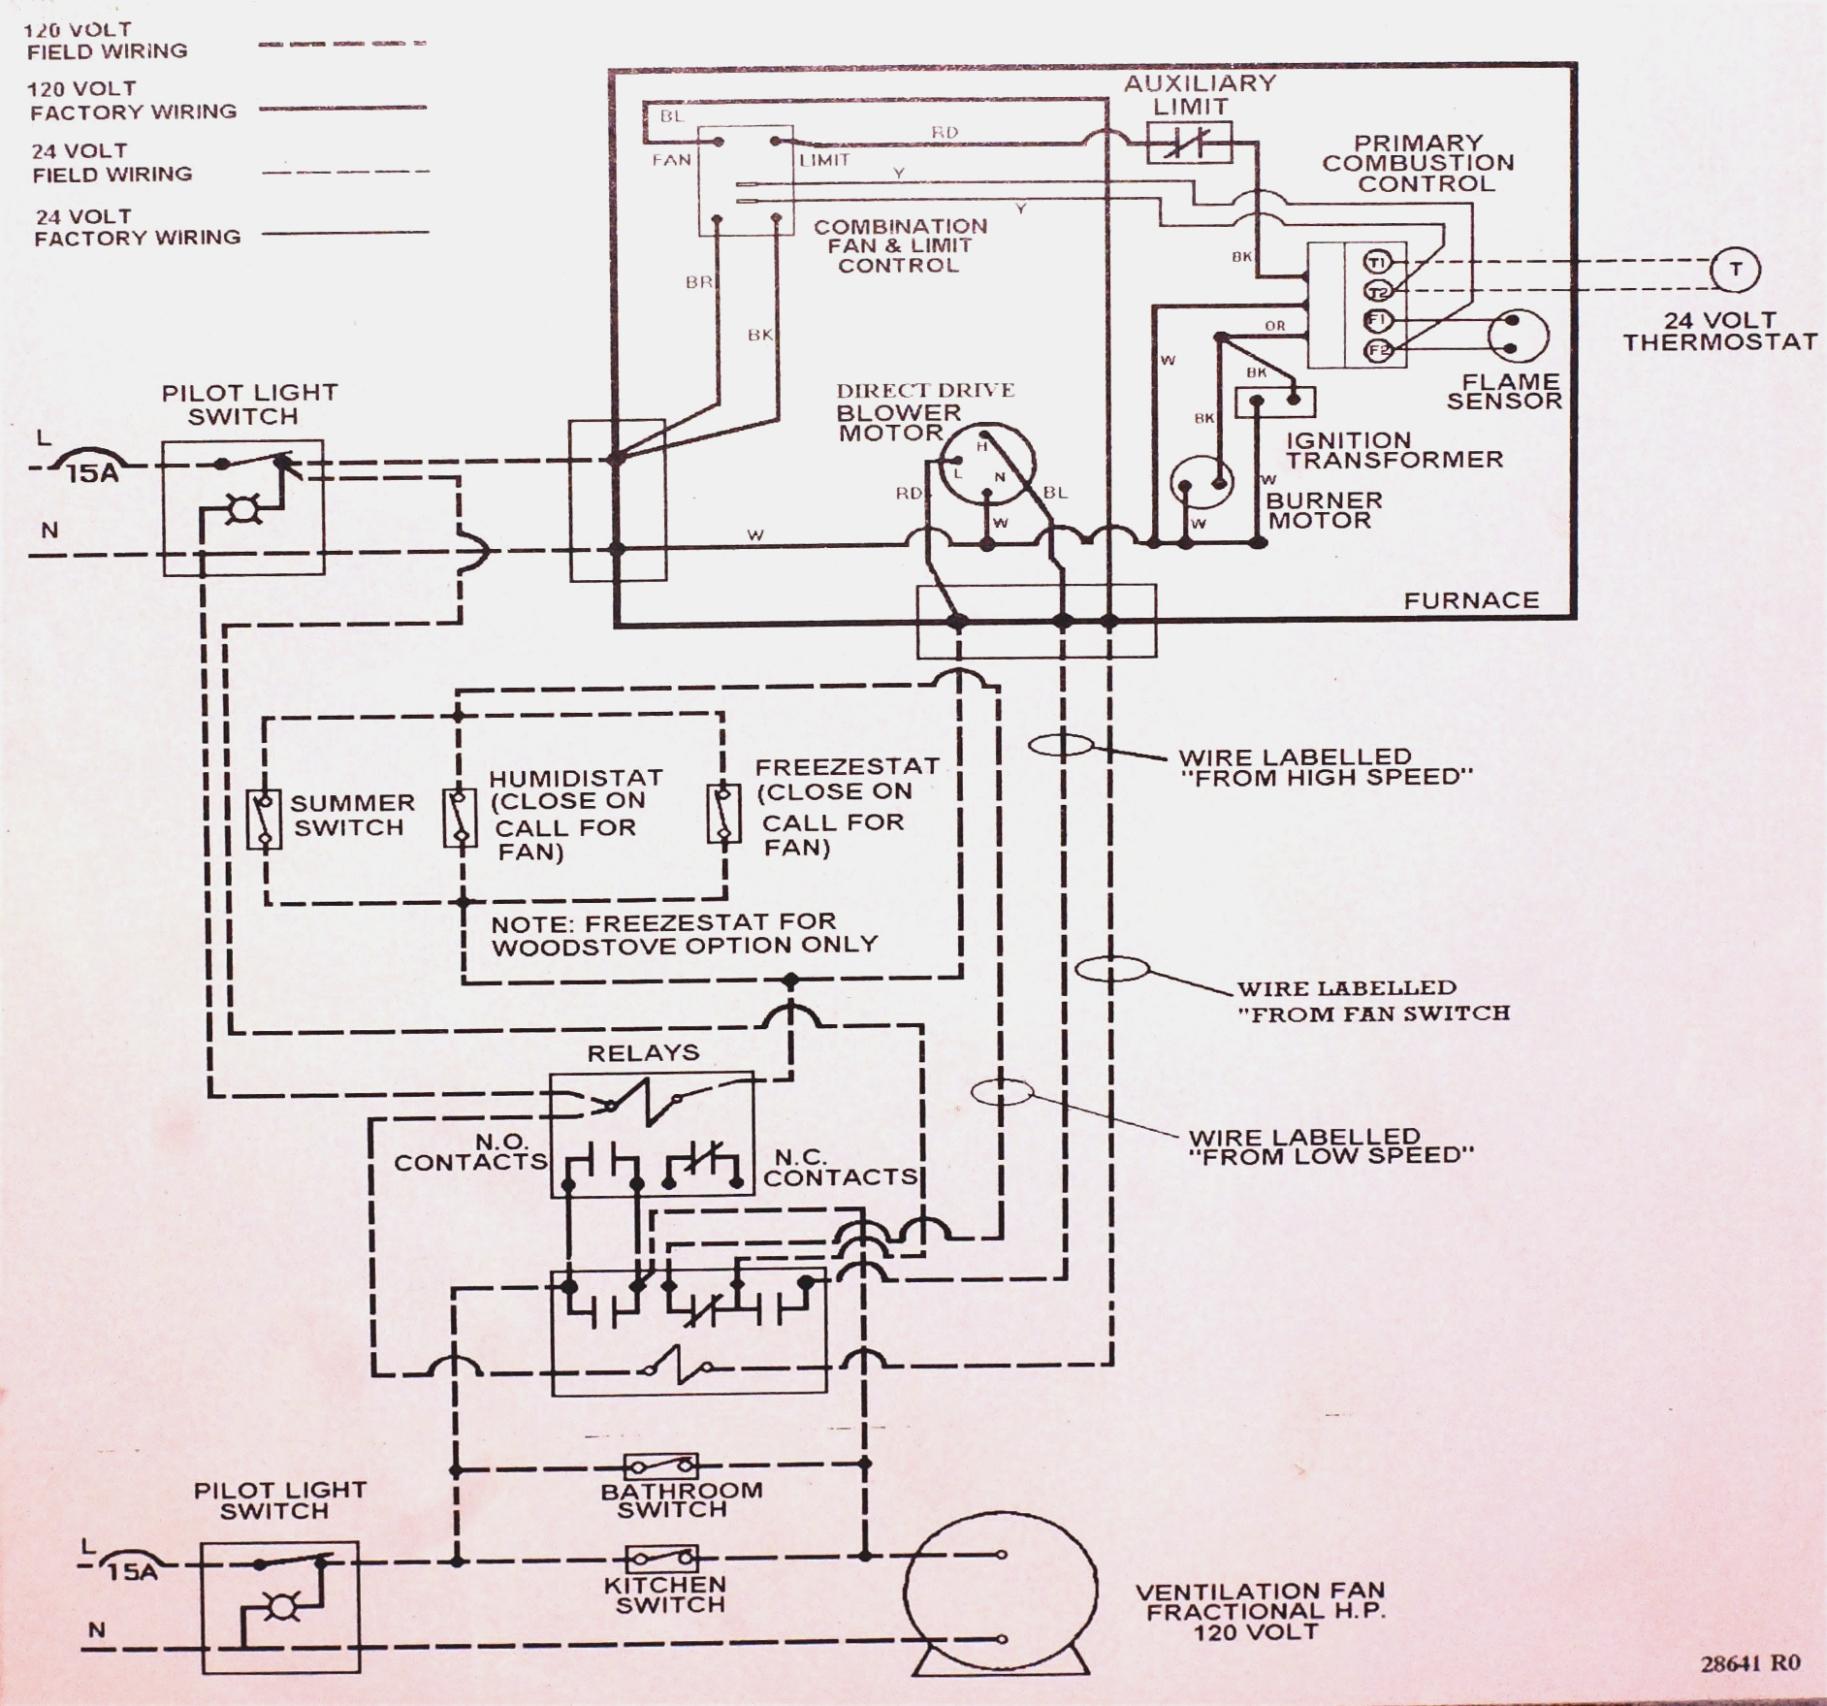 Old Furnace Wiring Diagram | Wiring Diagram - Furnace Wiring Diagram